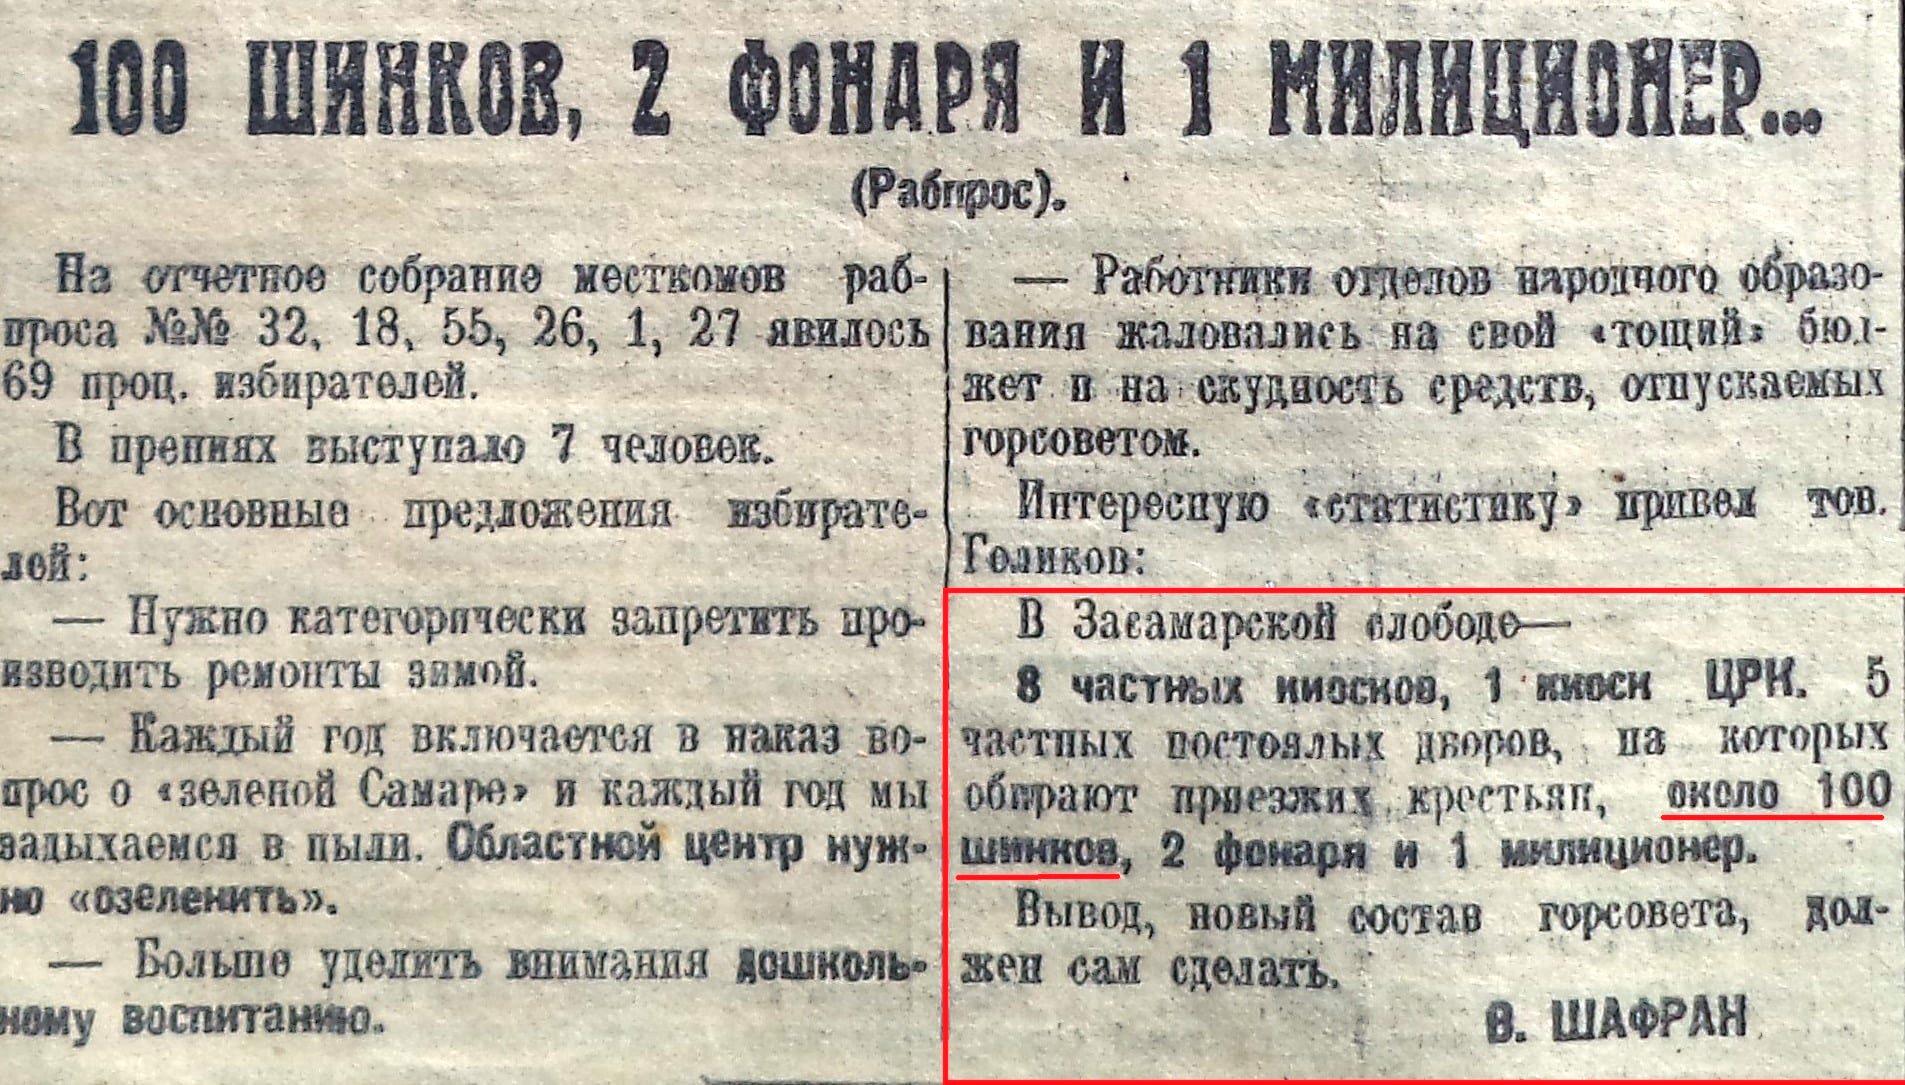 Тракторная-ФОТО-06-ВКа-1929-01-17-Засамар. пос